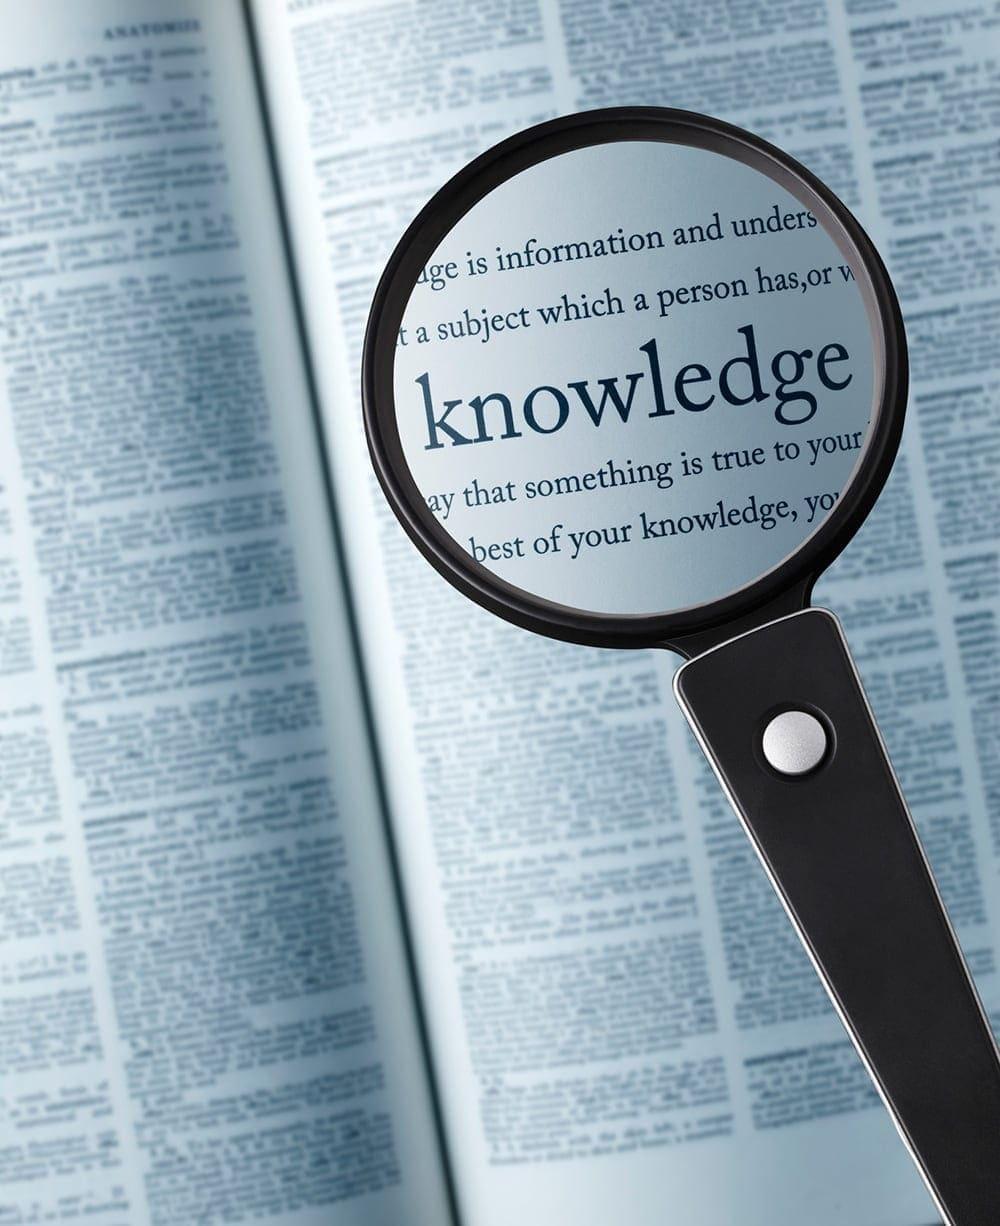 相応の知識、努力、経験は必要